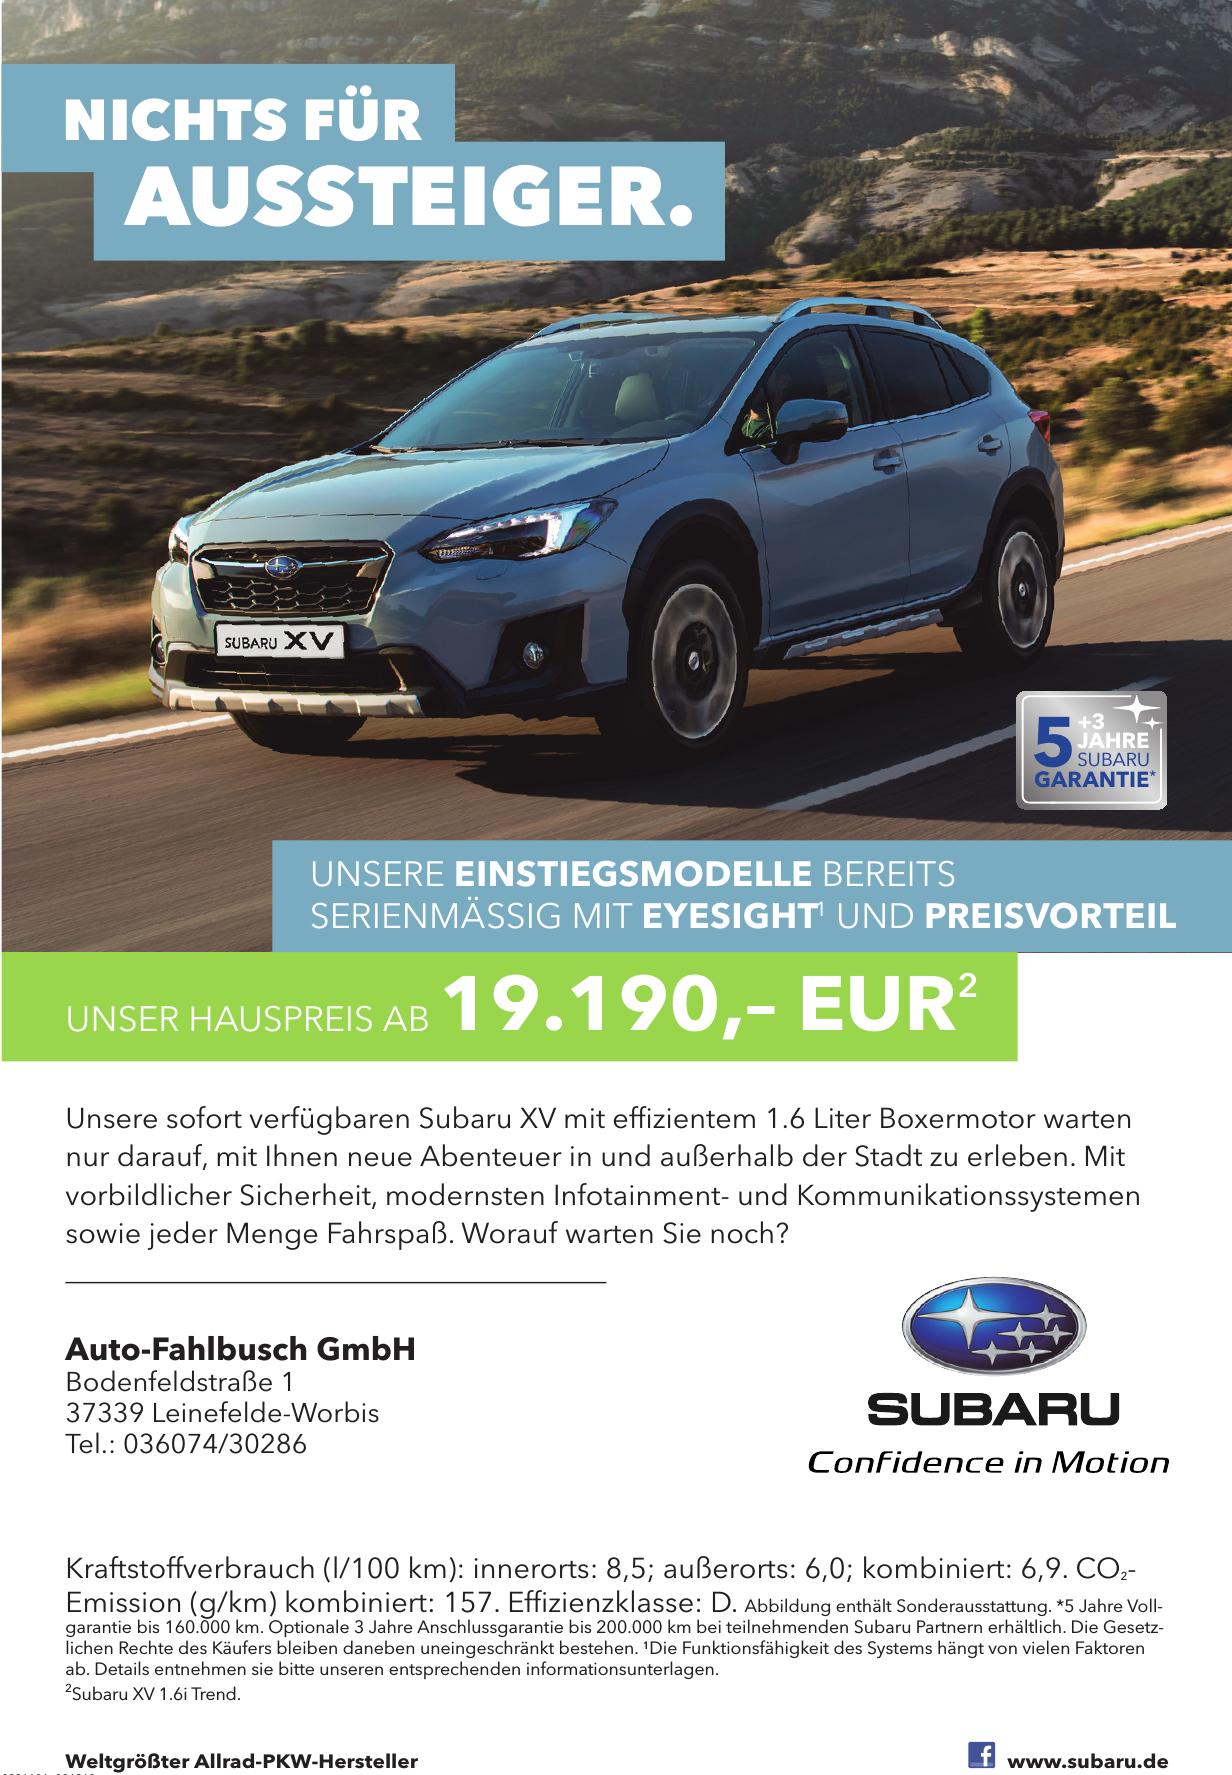 Autohaus Fahlbusch GmbH